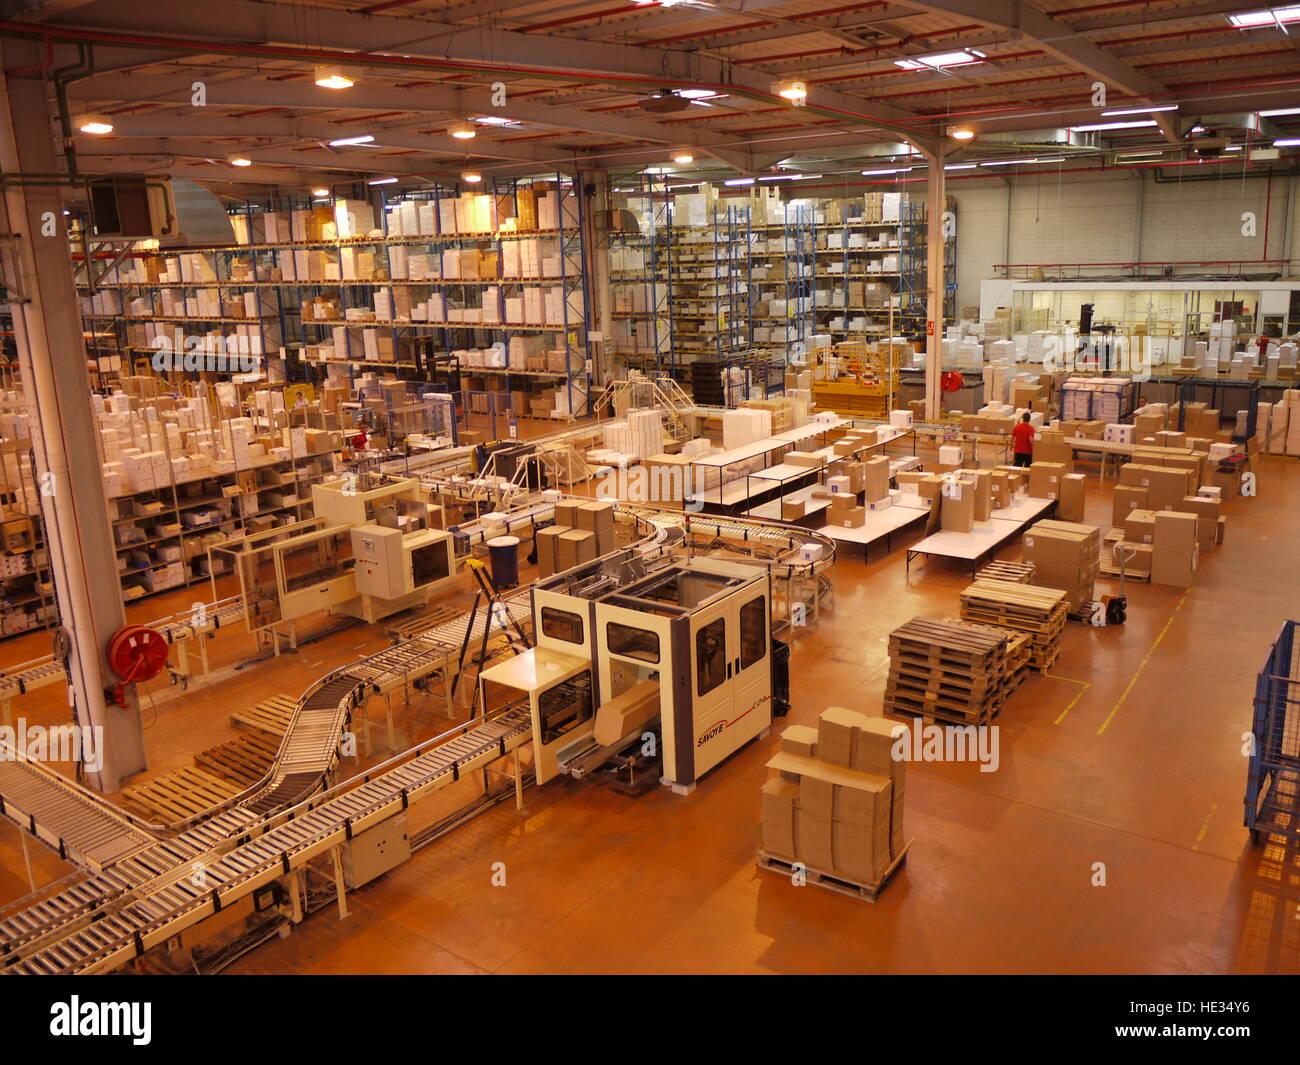 5c1eebdfde Dans l'entrepôt de l'usine de Thuasne, à Saint-Etienne, une ligne  automatique prépare les envois de commandes